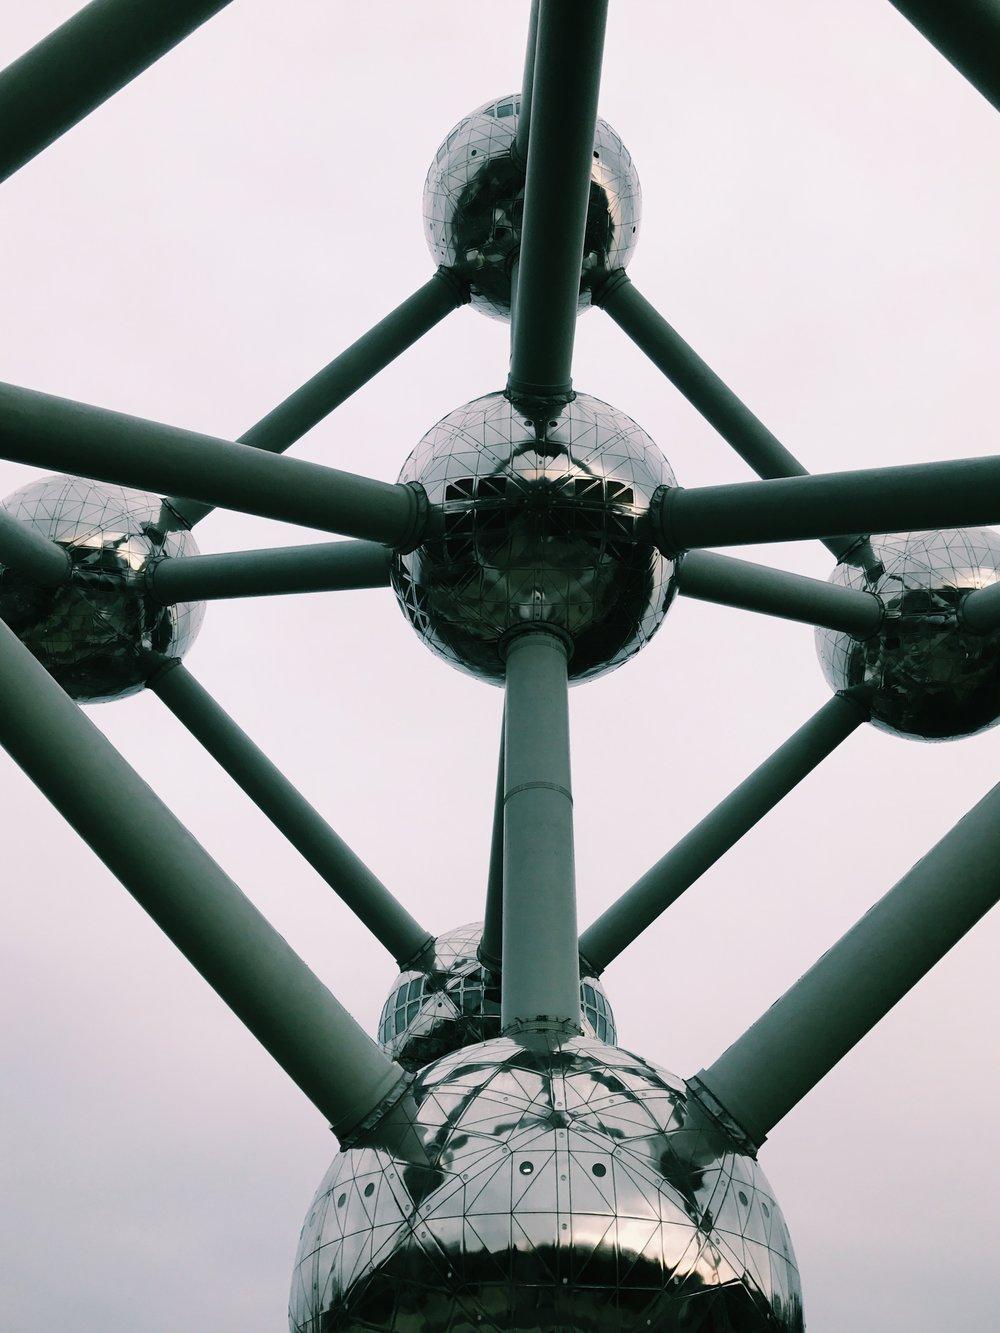 Atonium. Brussels, Belgium.